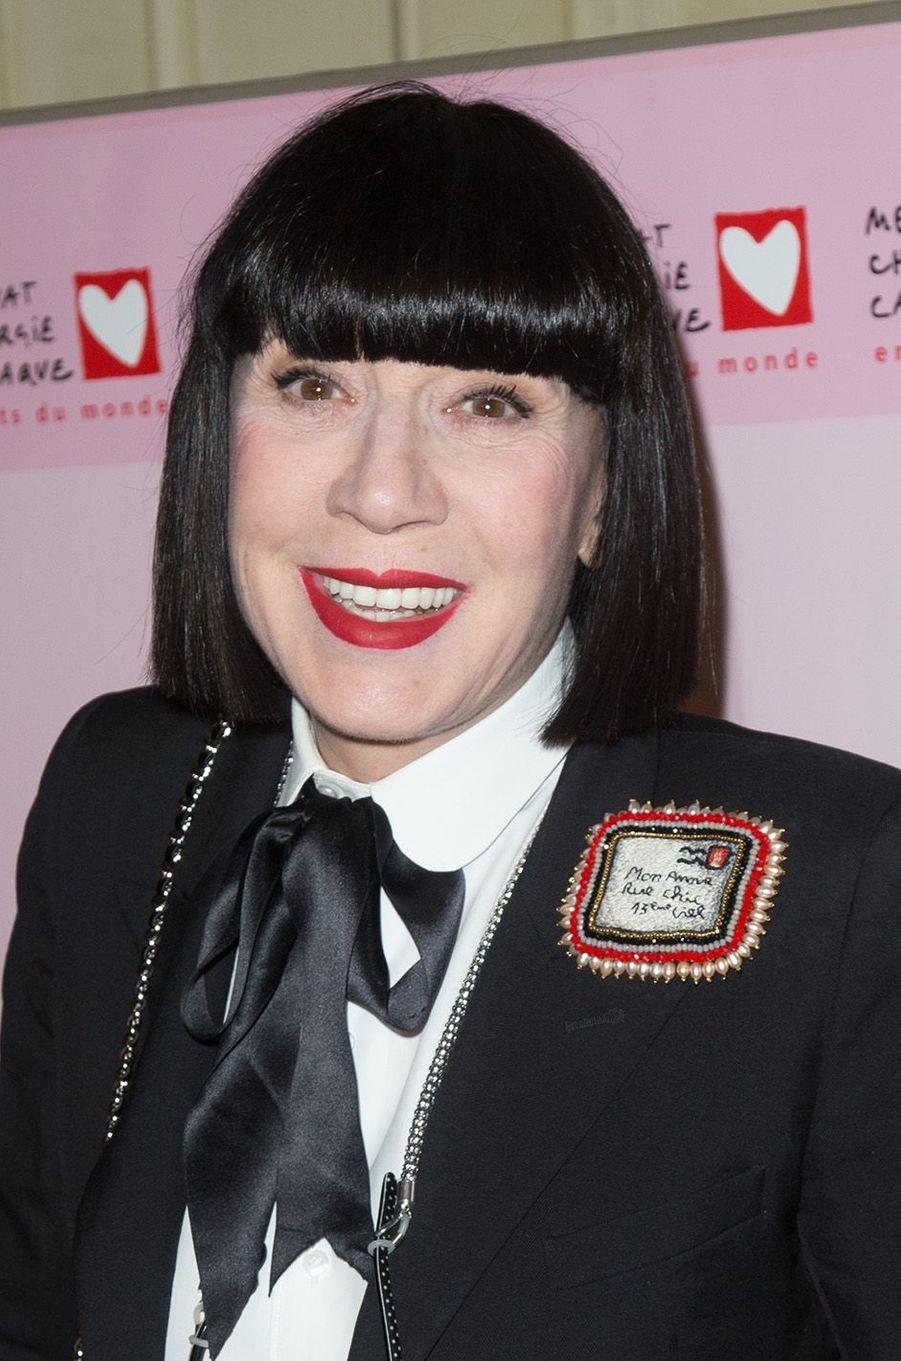 Chantal Thomass au Galadu coeur deMécénat Chirurgie cardiaque, à Paris le 30 janvier 2017.